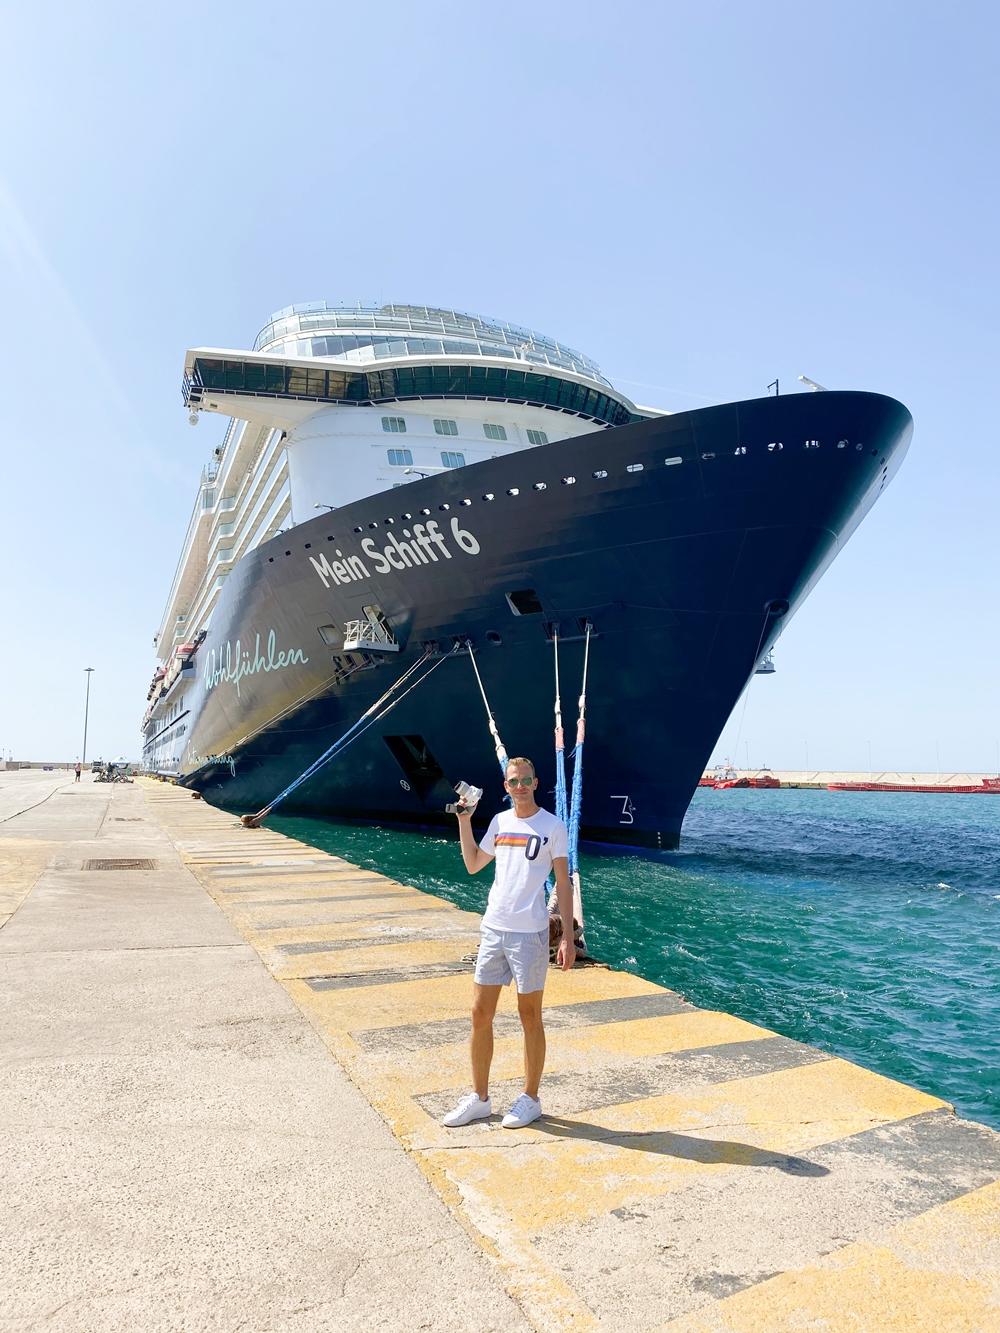 Martin Melzer Kreuzfahrtblogger vor Mein Schiff 6 in Athen